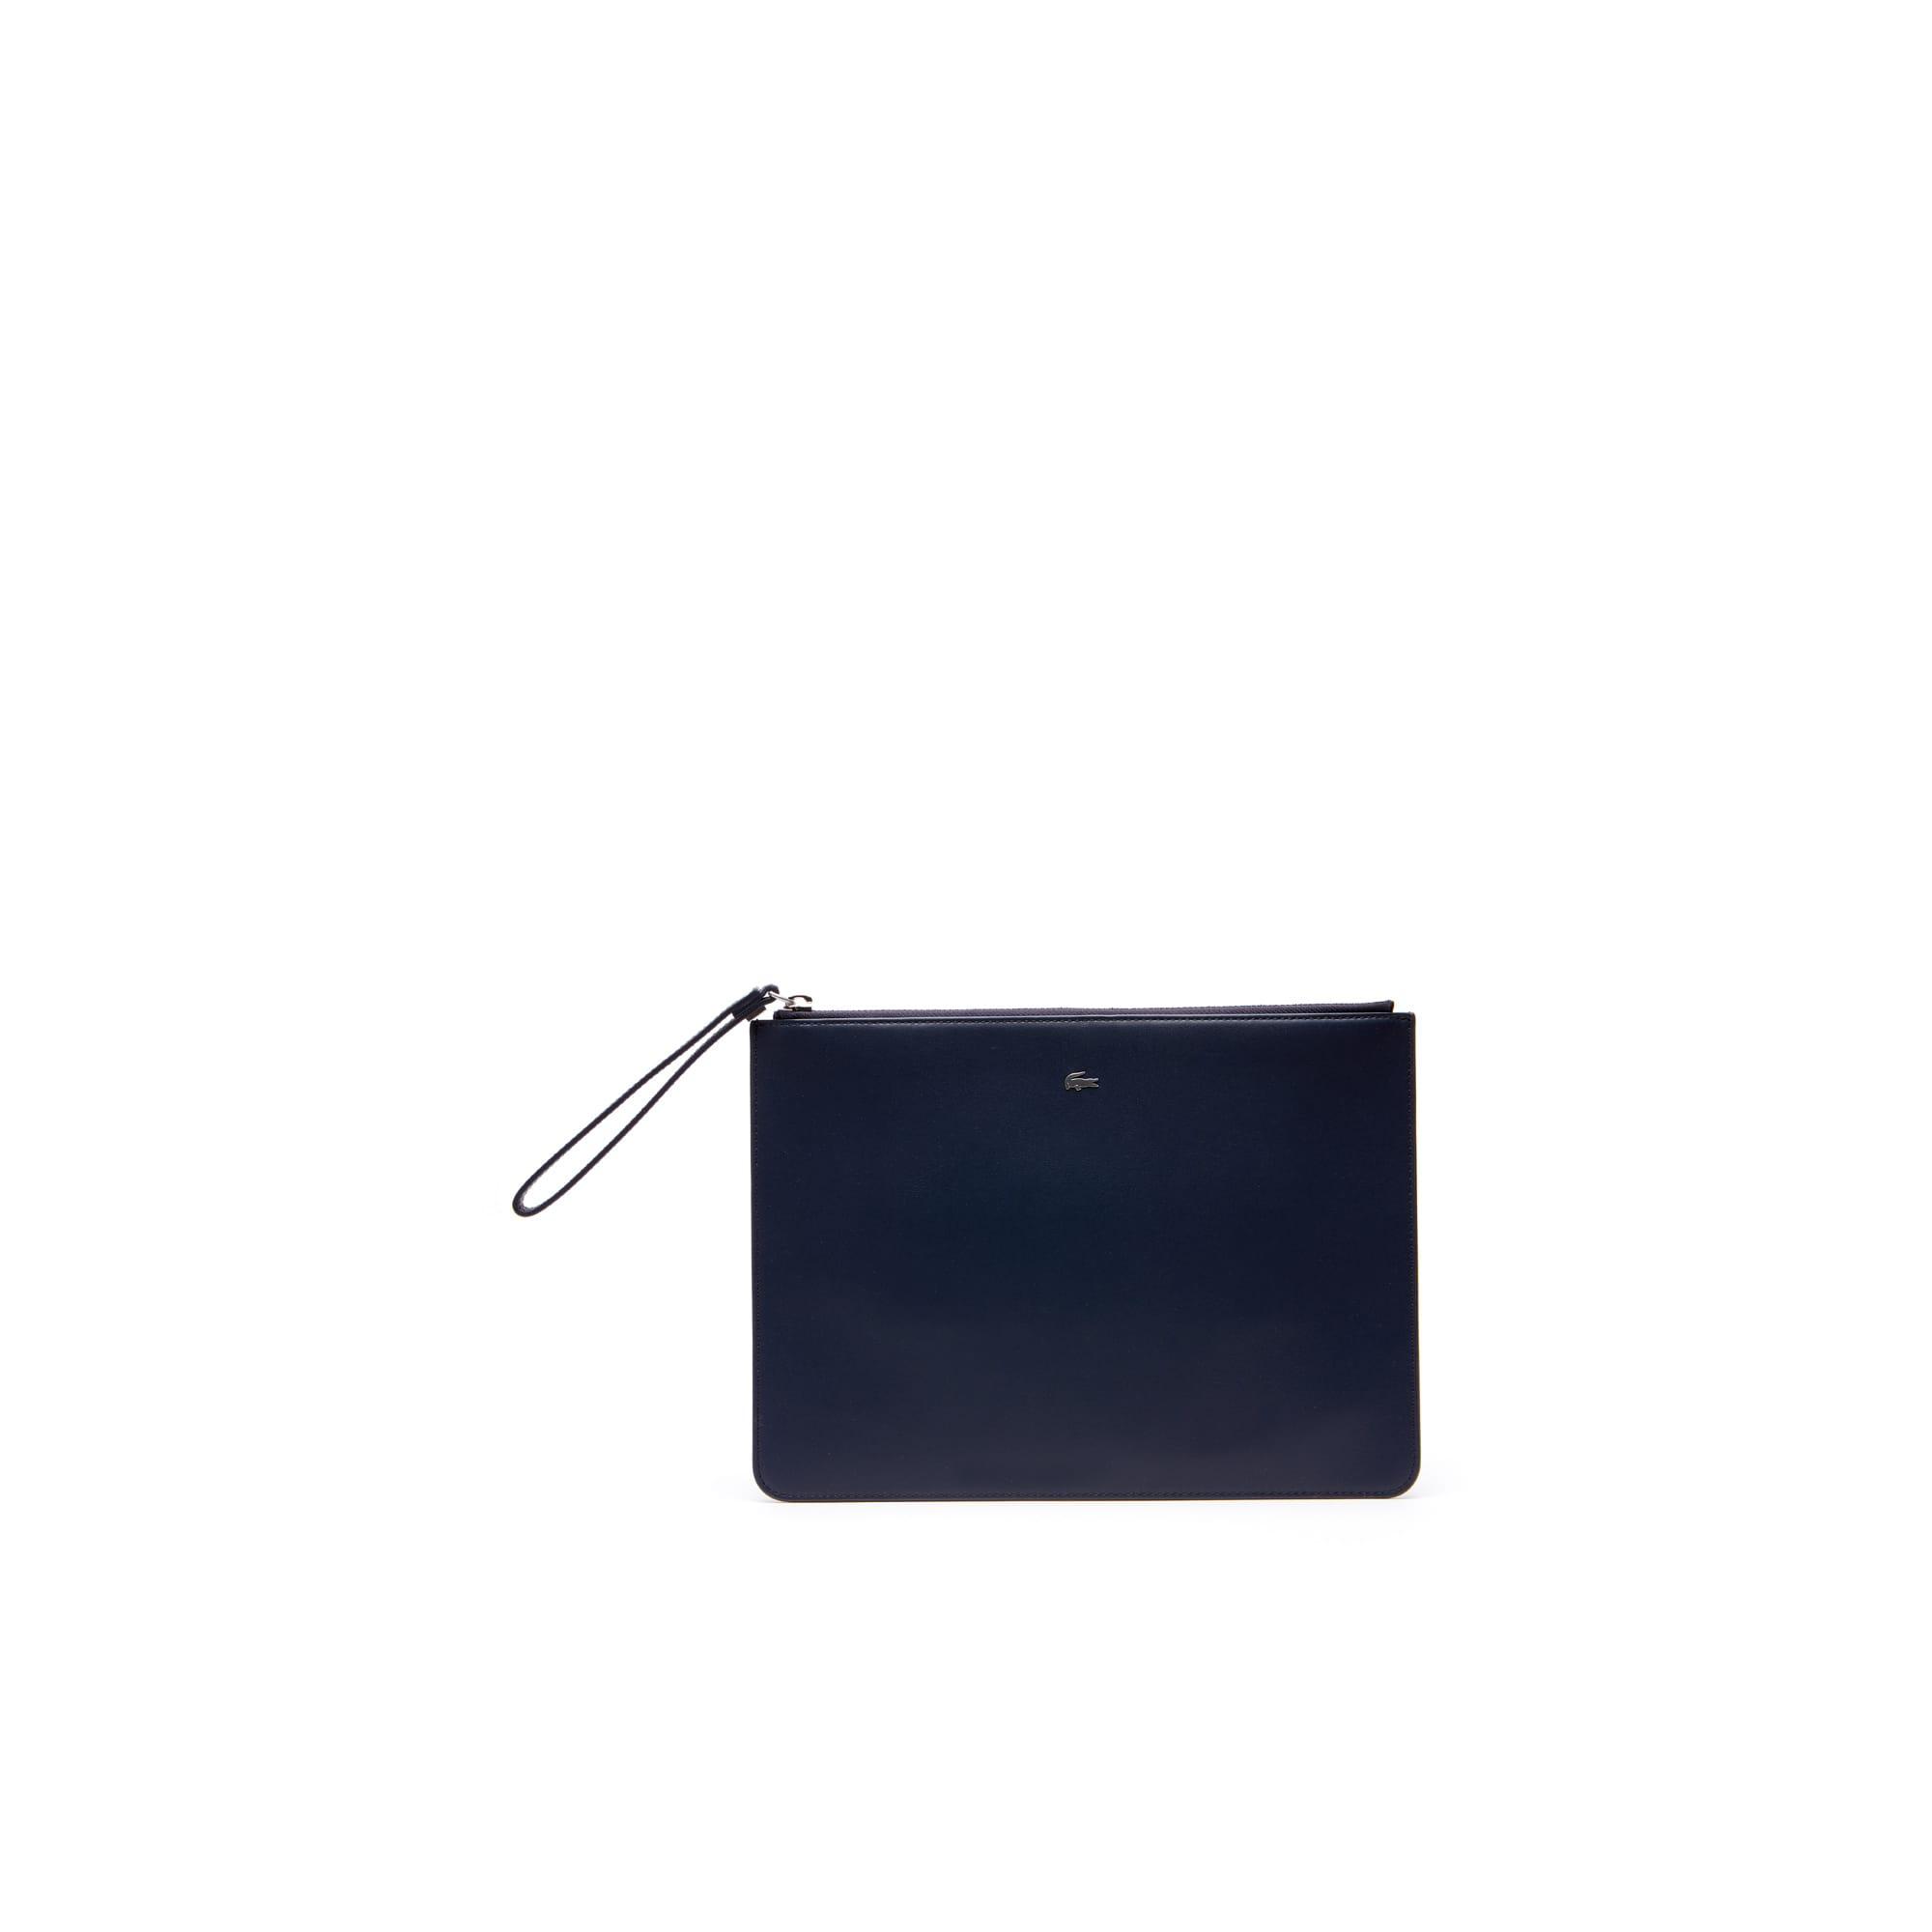 男士Fitzgerald系列色块拼接拉链皮革手拿包